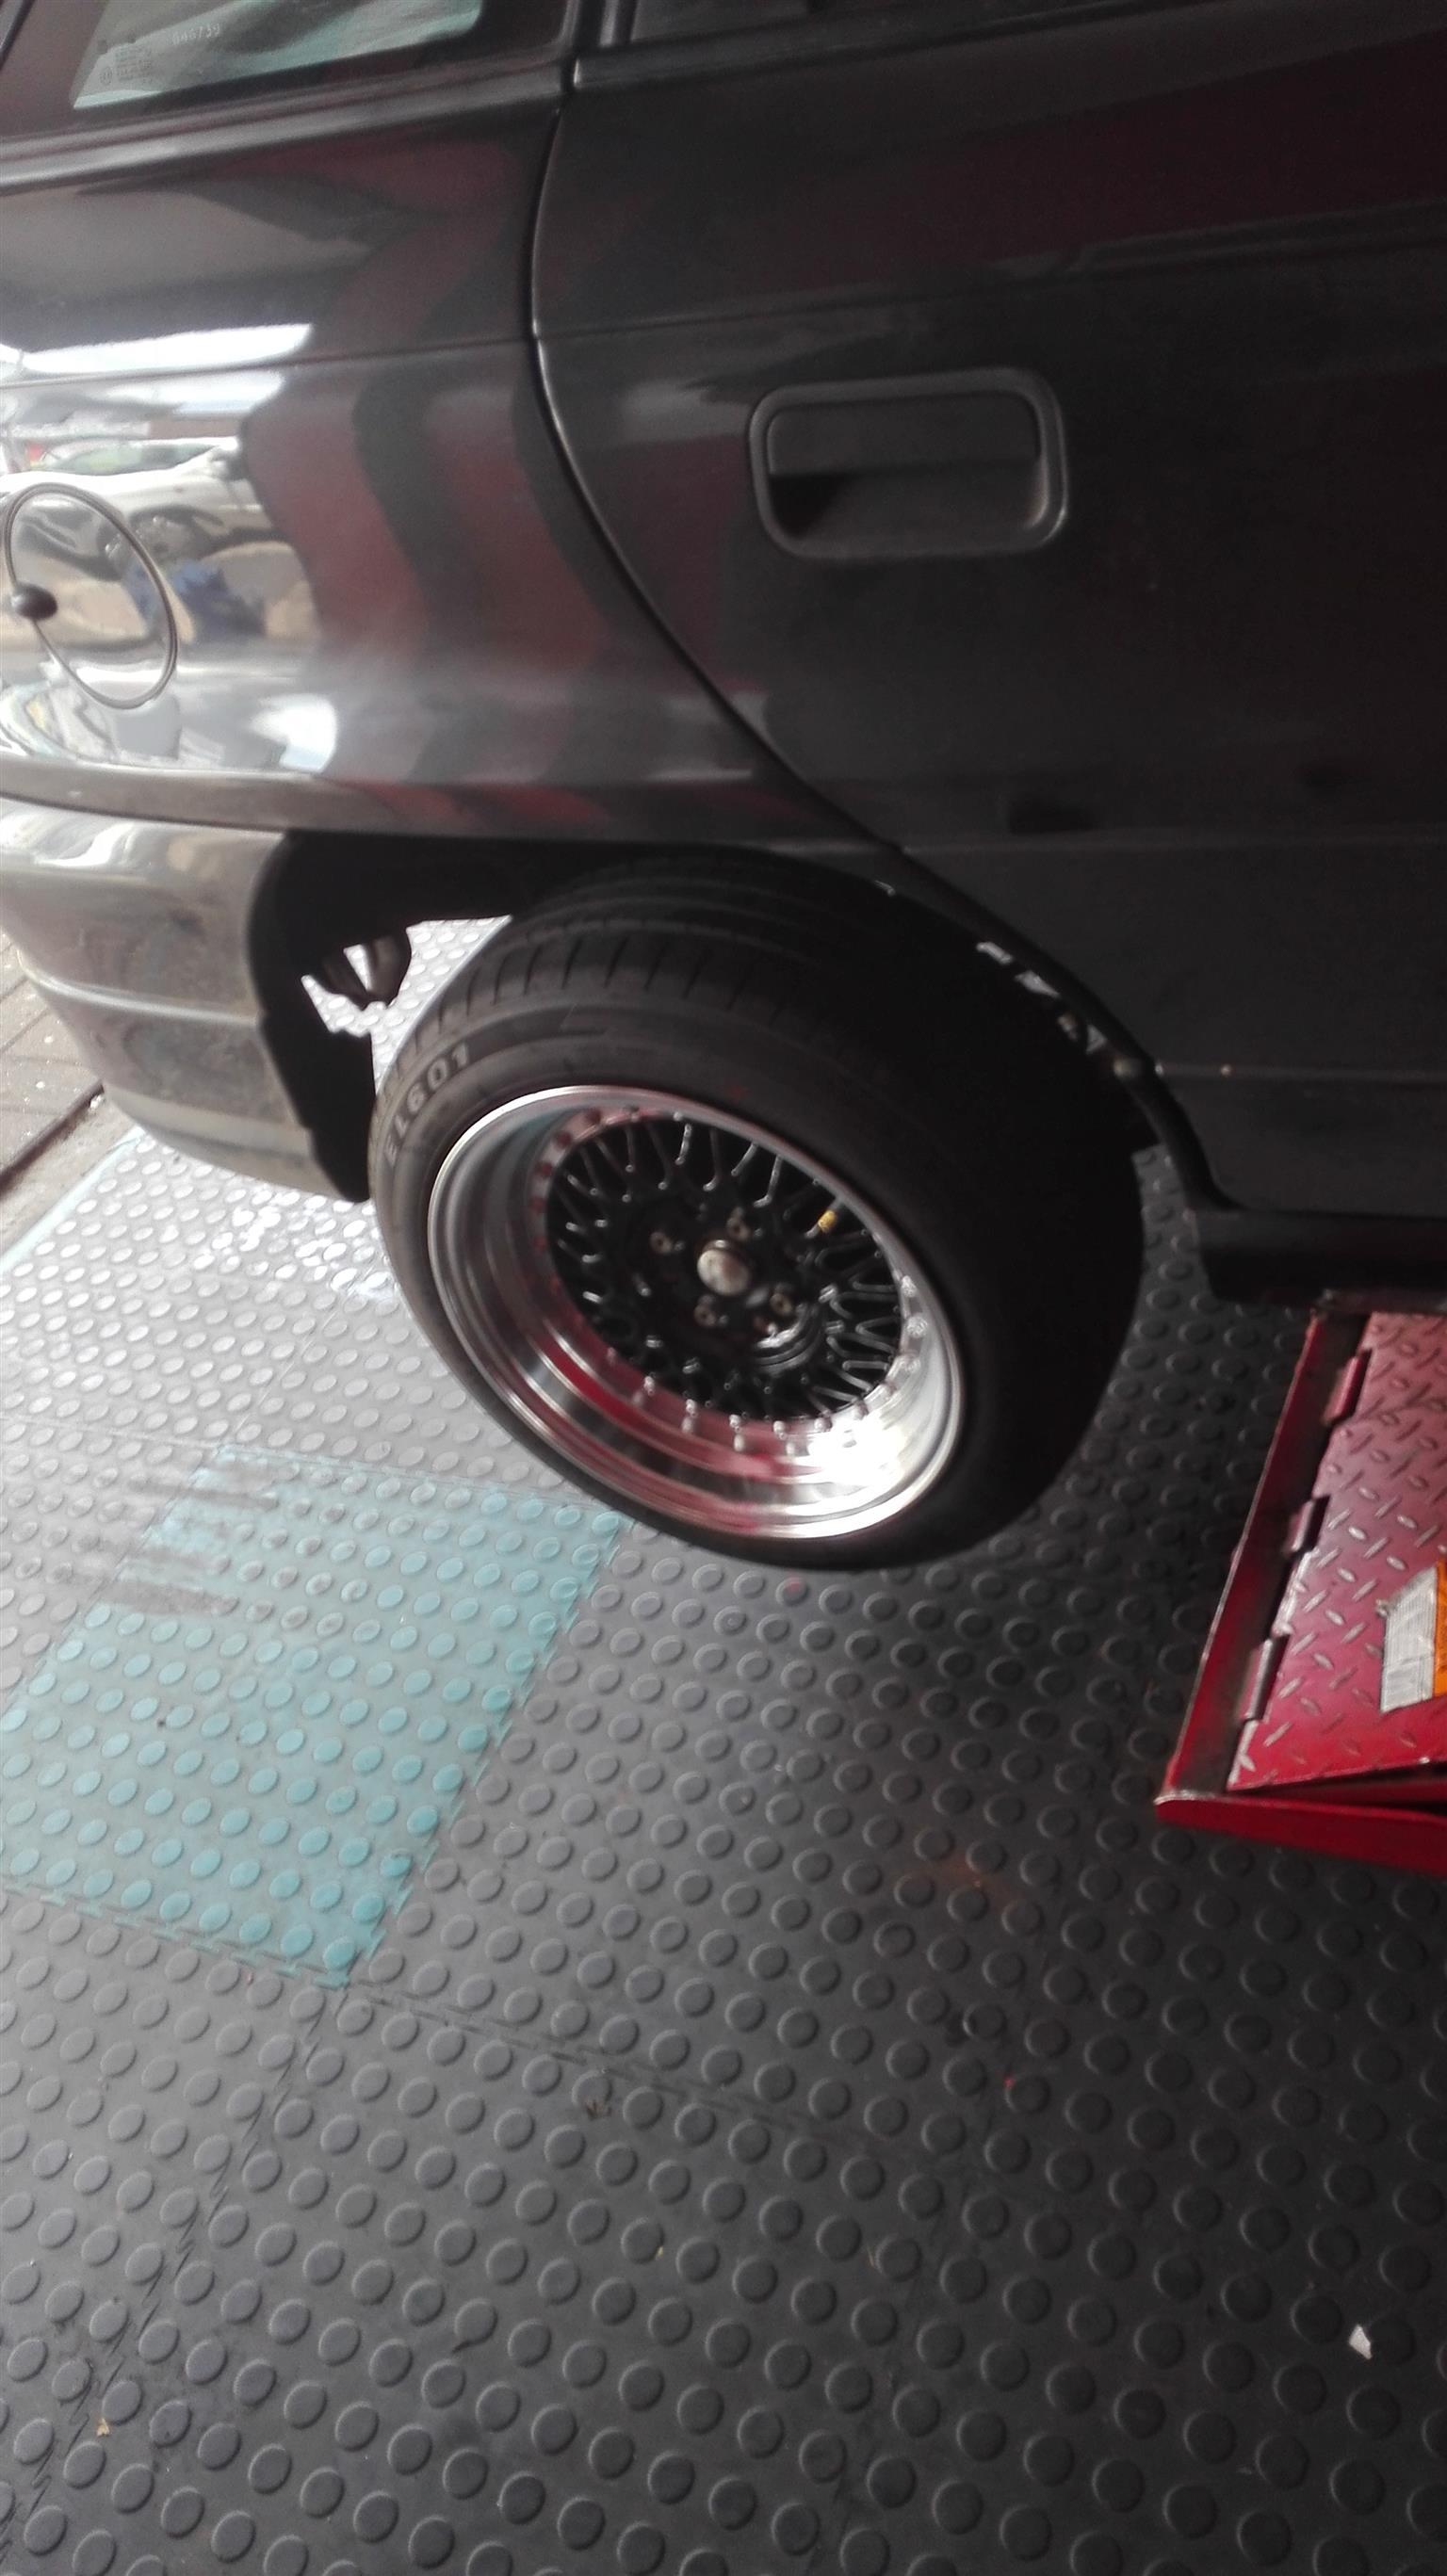 Cheap car service and repair